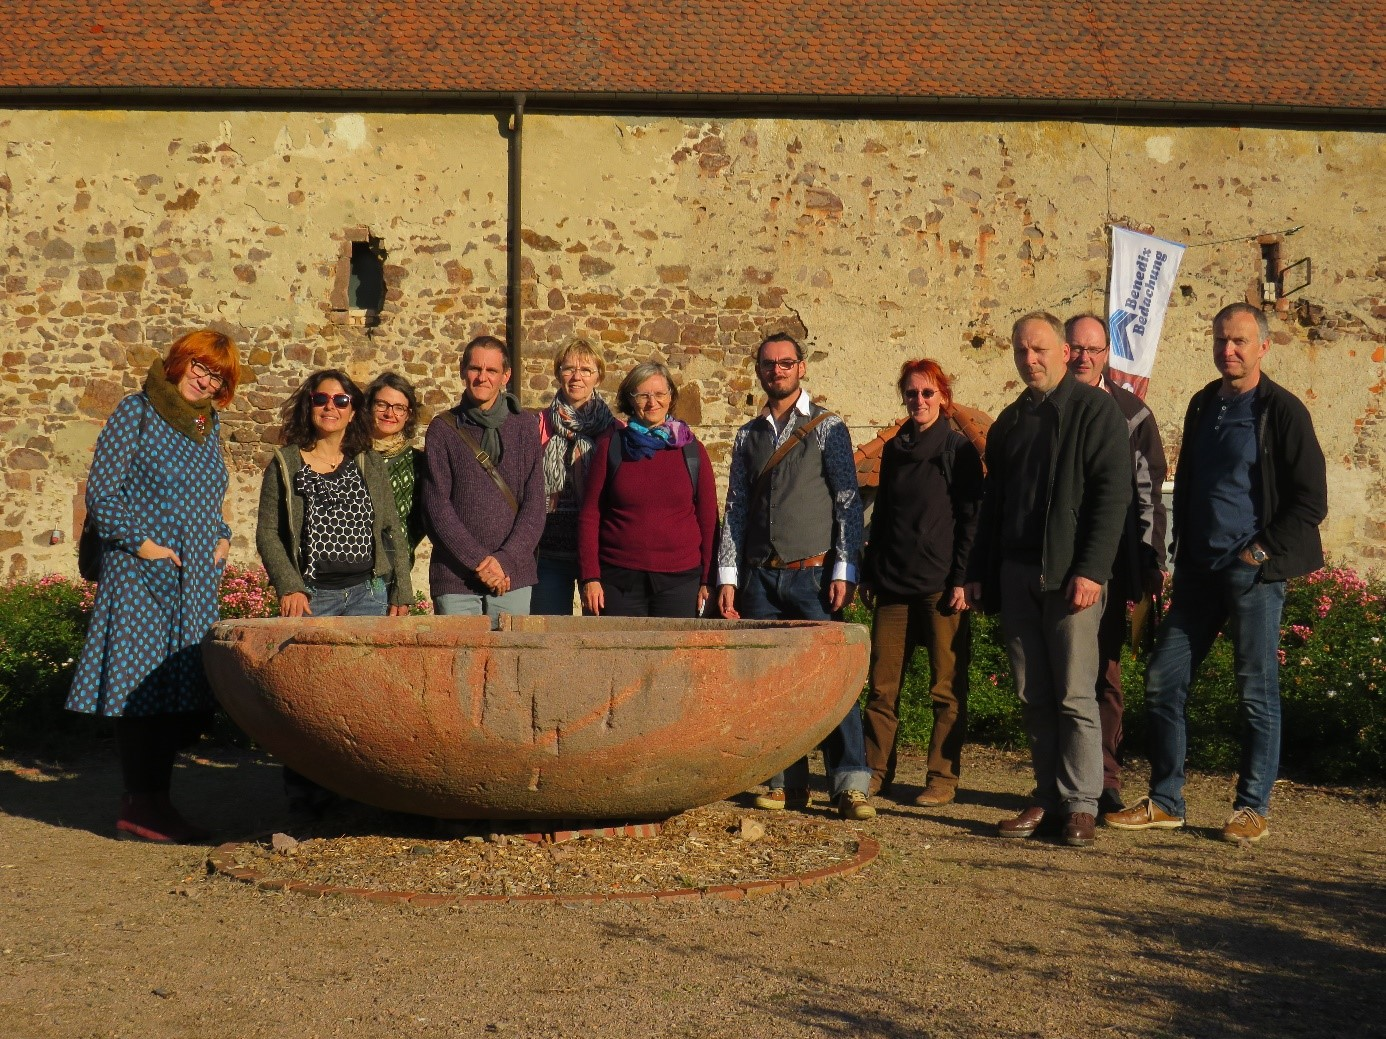 Teilnehmer der Exkursion nach Leisnig 2019 (Foto: Torsten Nimoth)